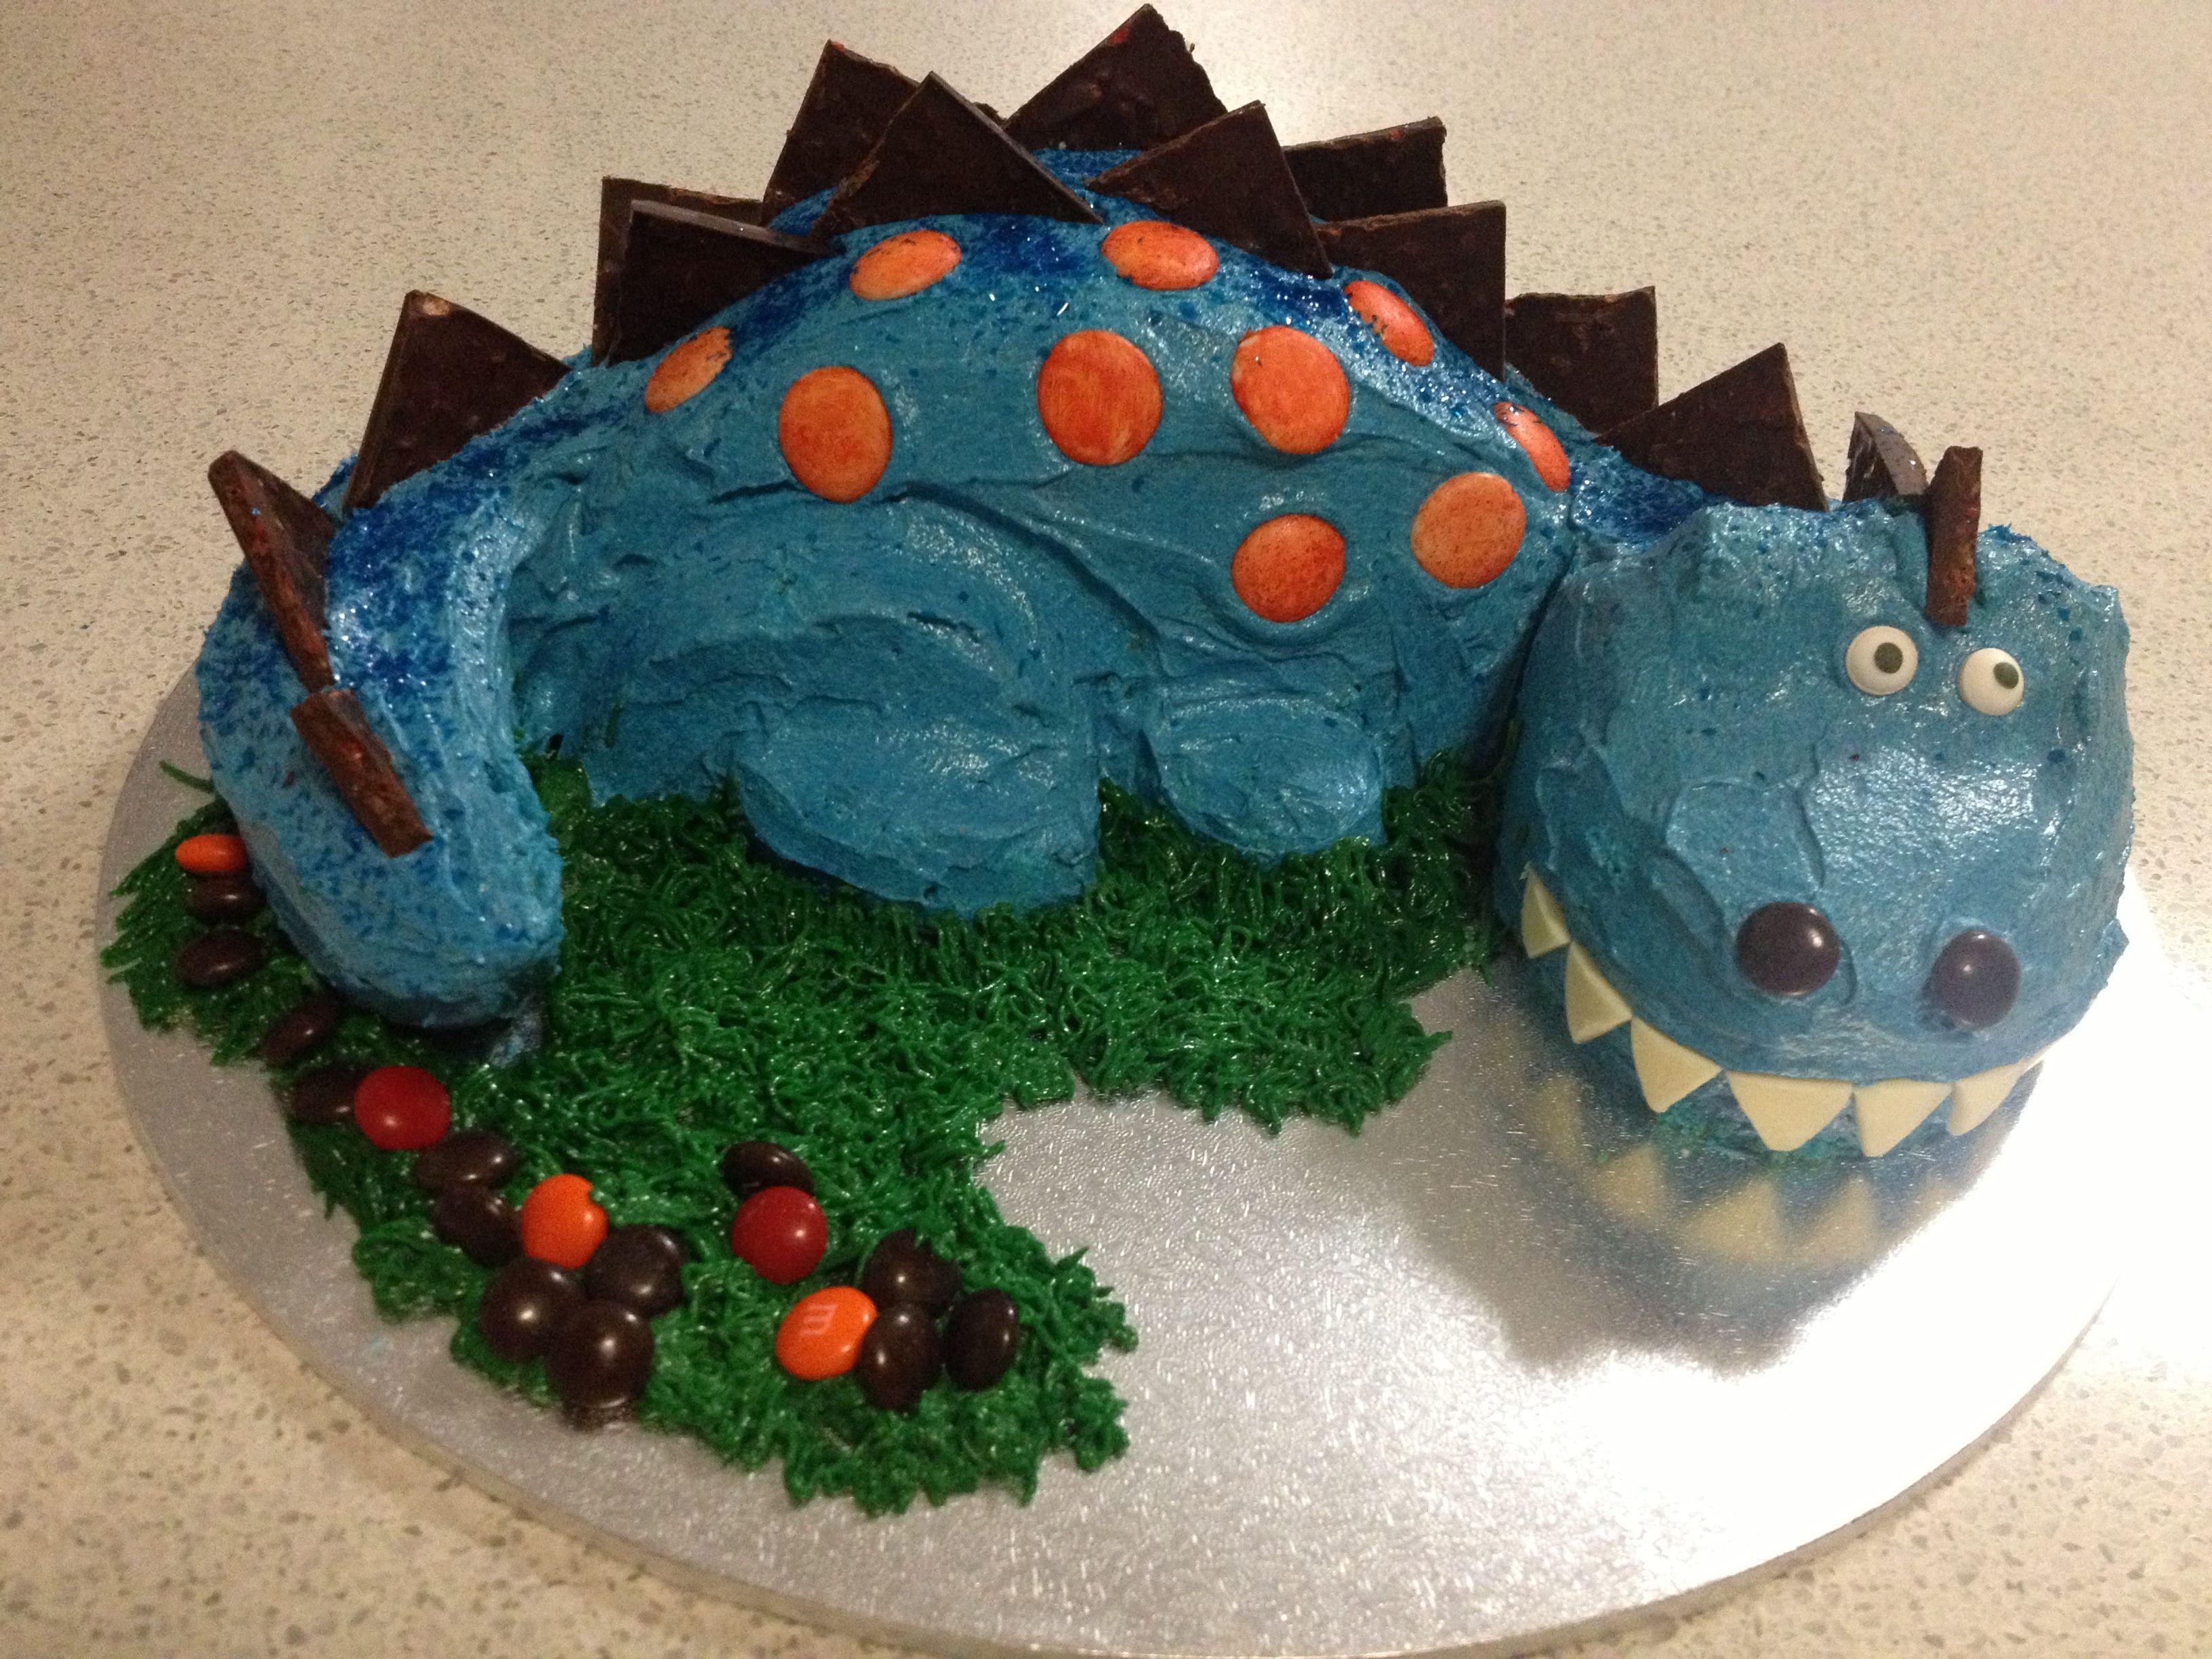 Liam S Third Birthday Cake